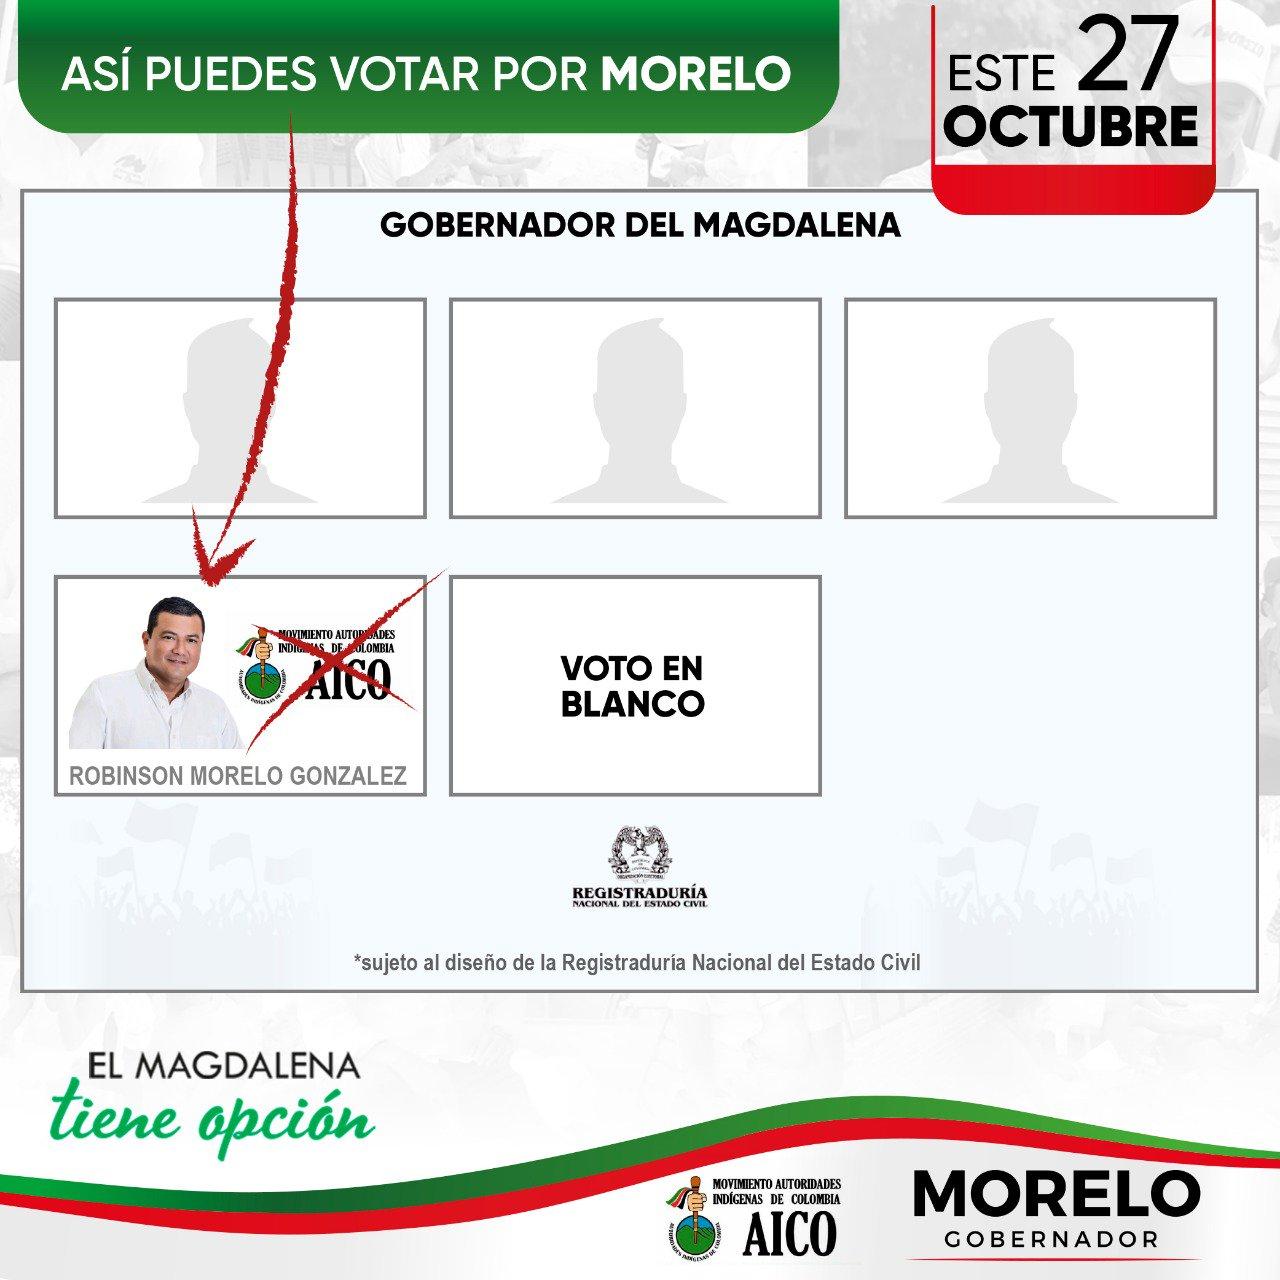 Esta es la ubicación de Róbinson Morelo en el tarjetón electoral.